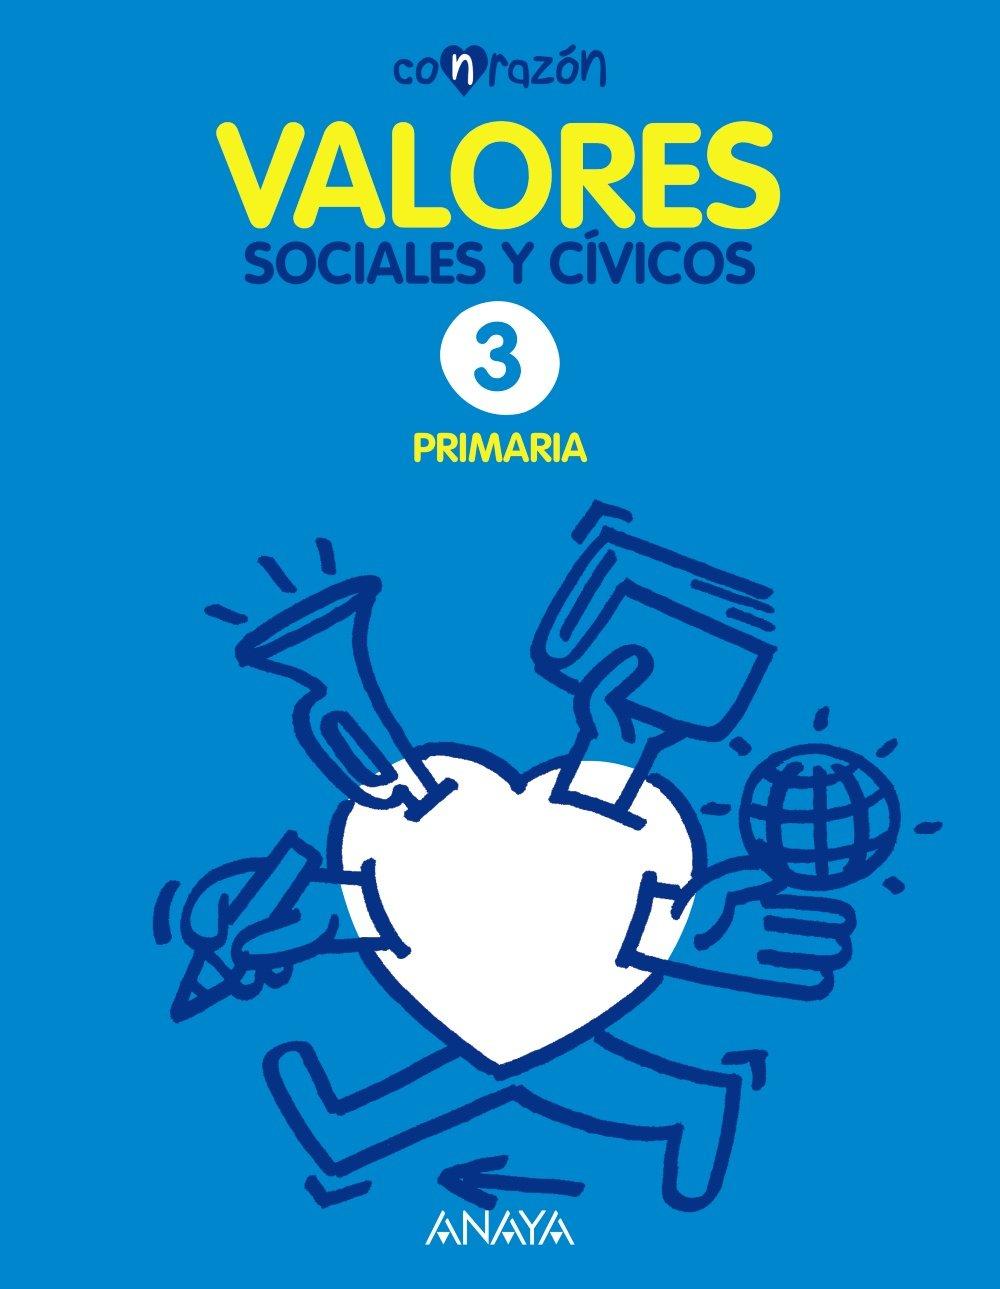 Valores Sociales y Cívicos 3 (Con razón): Amazon.es ...